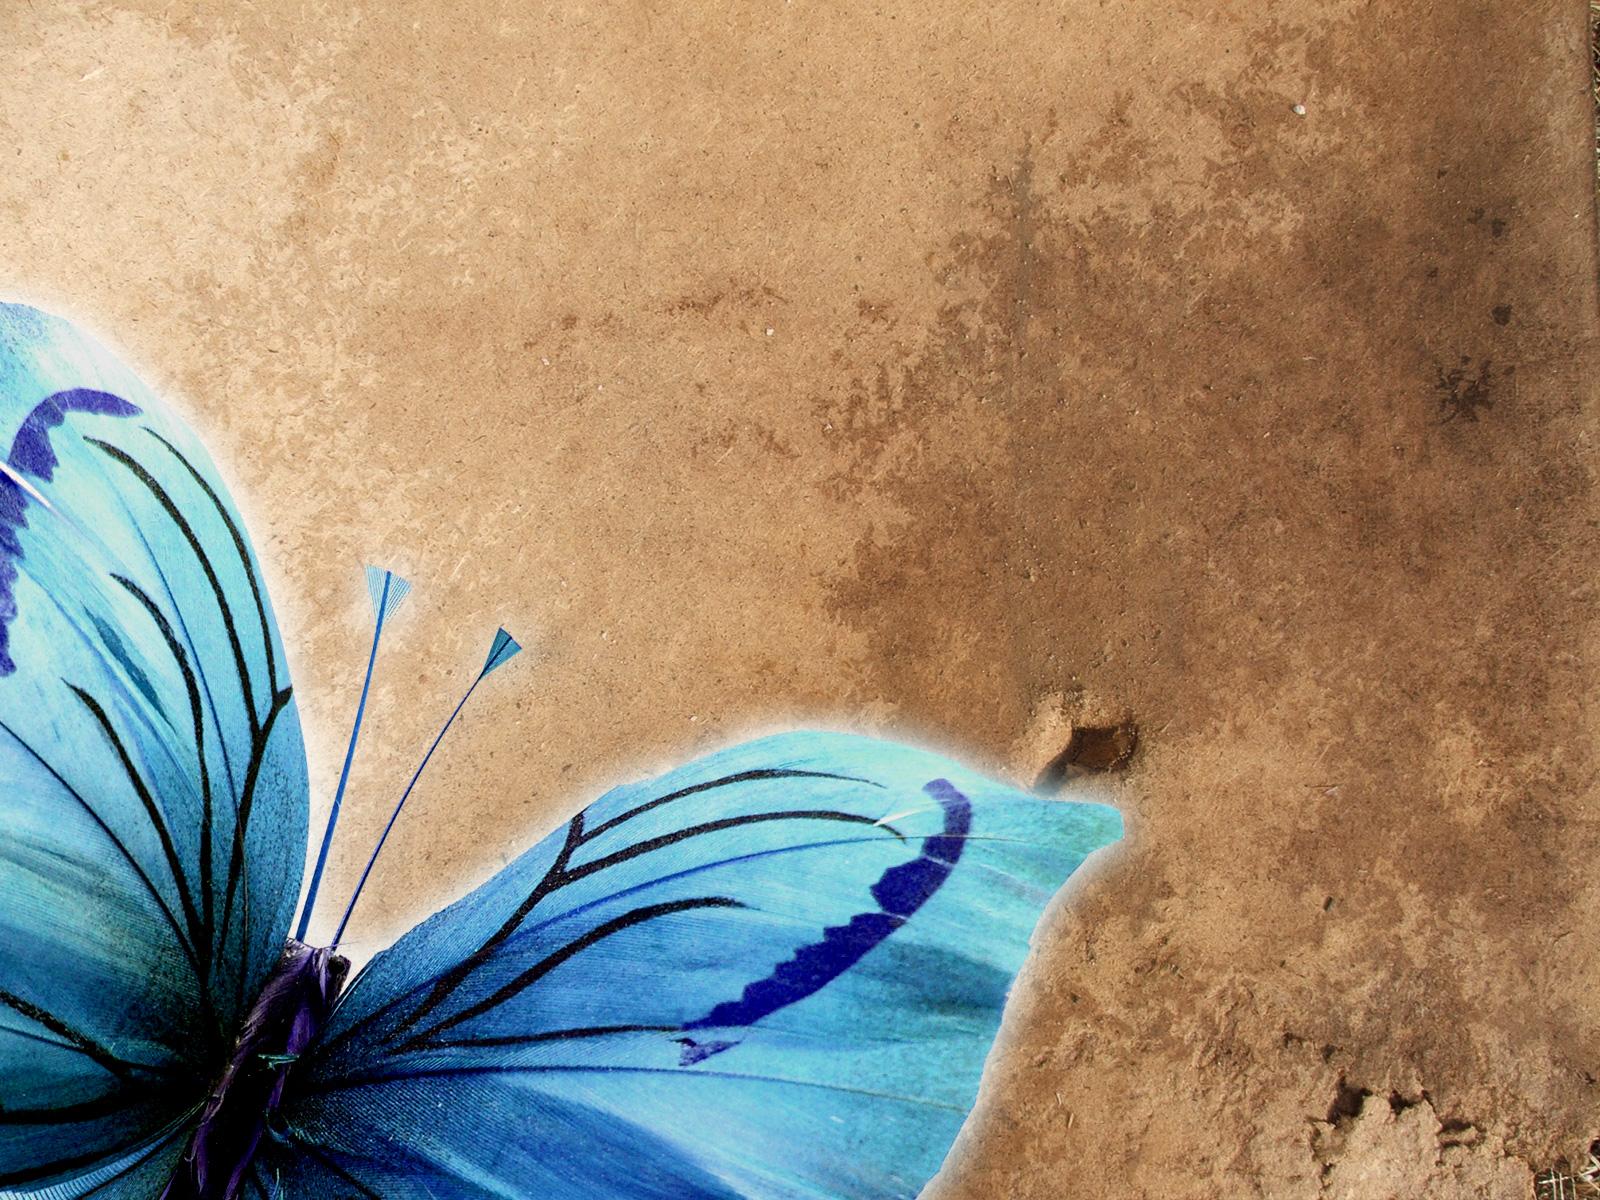 обои на рабочий стол, синяя бабочка на бумаге, скачать фото